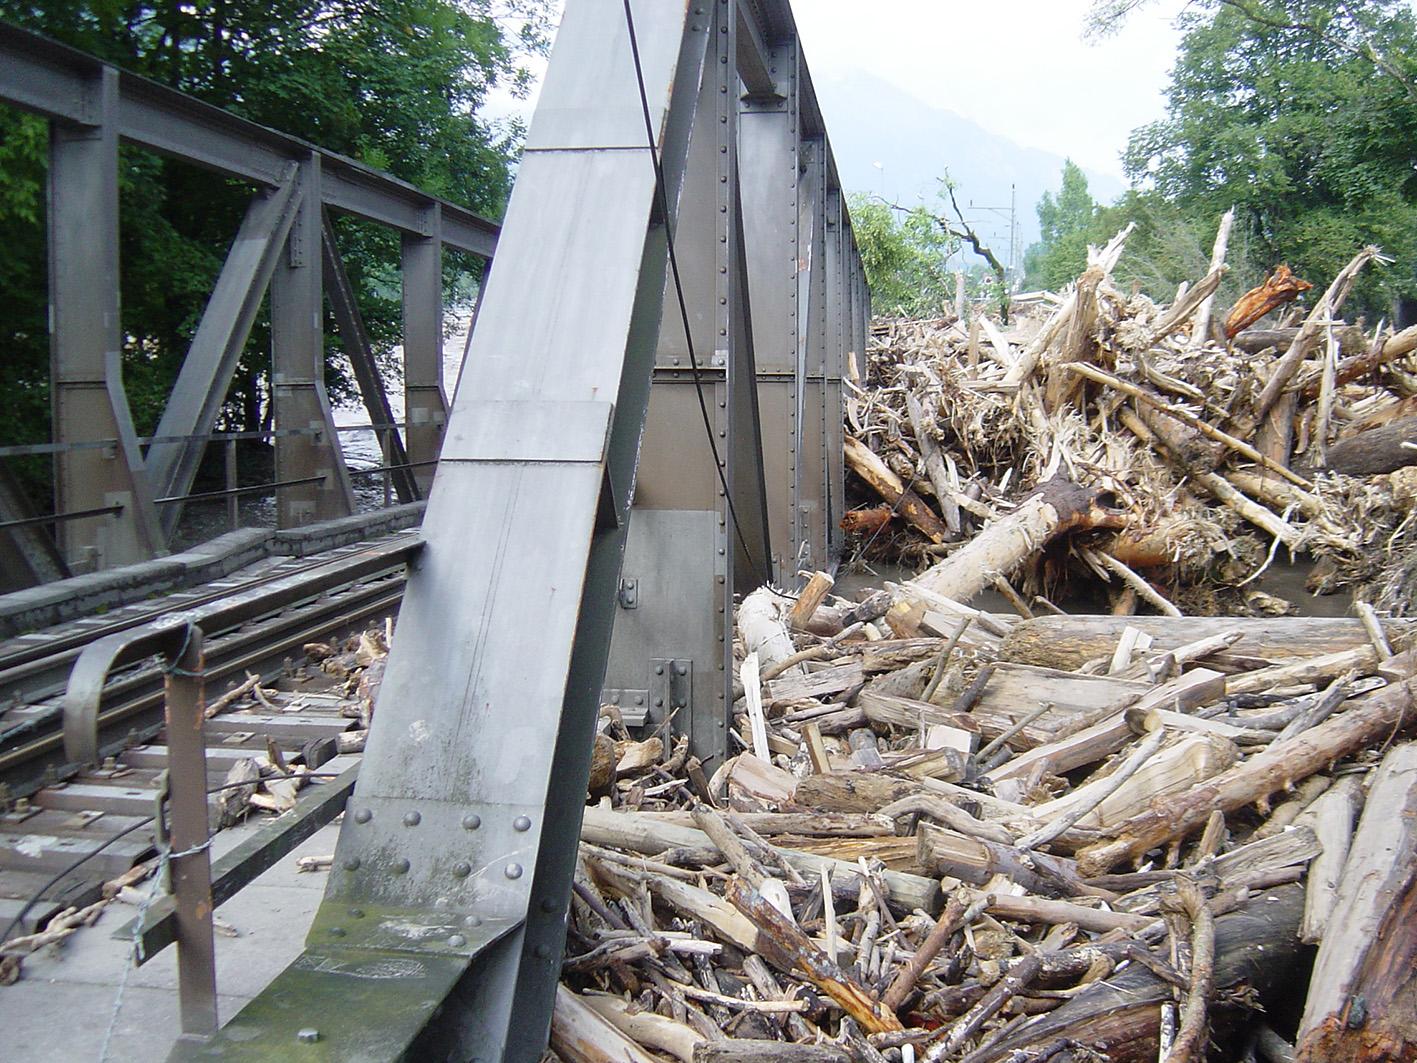 Melchaa-Hochwasserspuren bei der Eisenbahnbrücke in Sarnen am 23. August 2005. Foto: Martin Trüssel